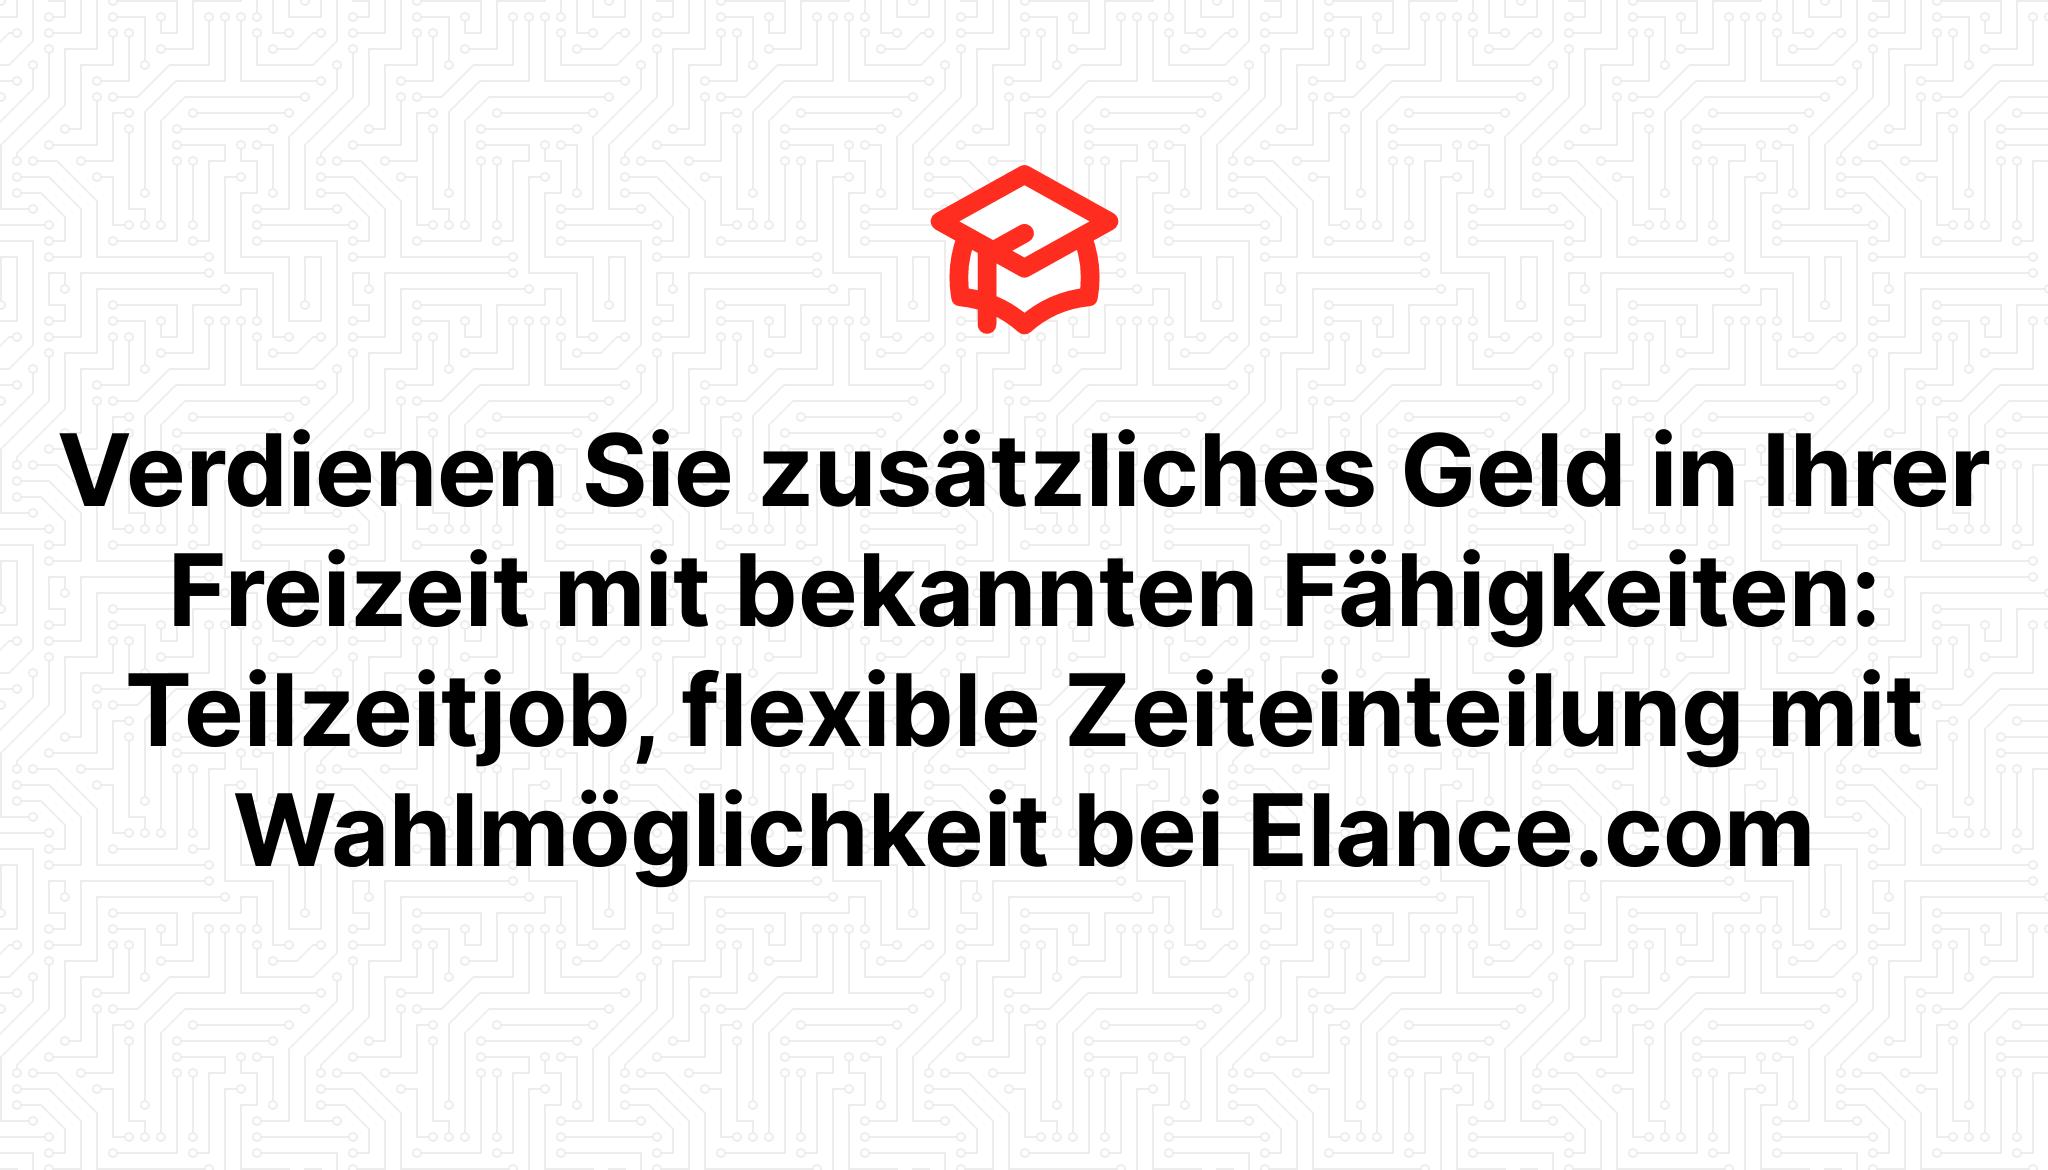 Verdienen Sie zusätzliches Geld in Ihrer Freizeit mit bekannten Fähigkeiten: Teilzeitjob, flexible Zeiteinteilung mit Wahlmöglichkeit bei Elance.com